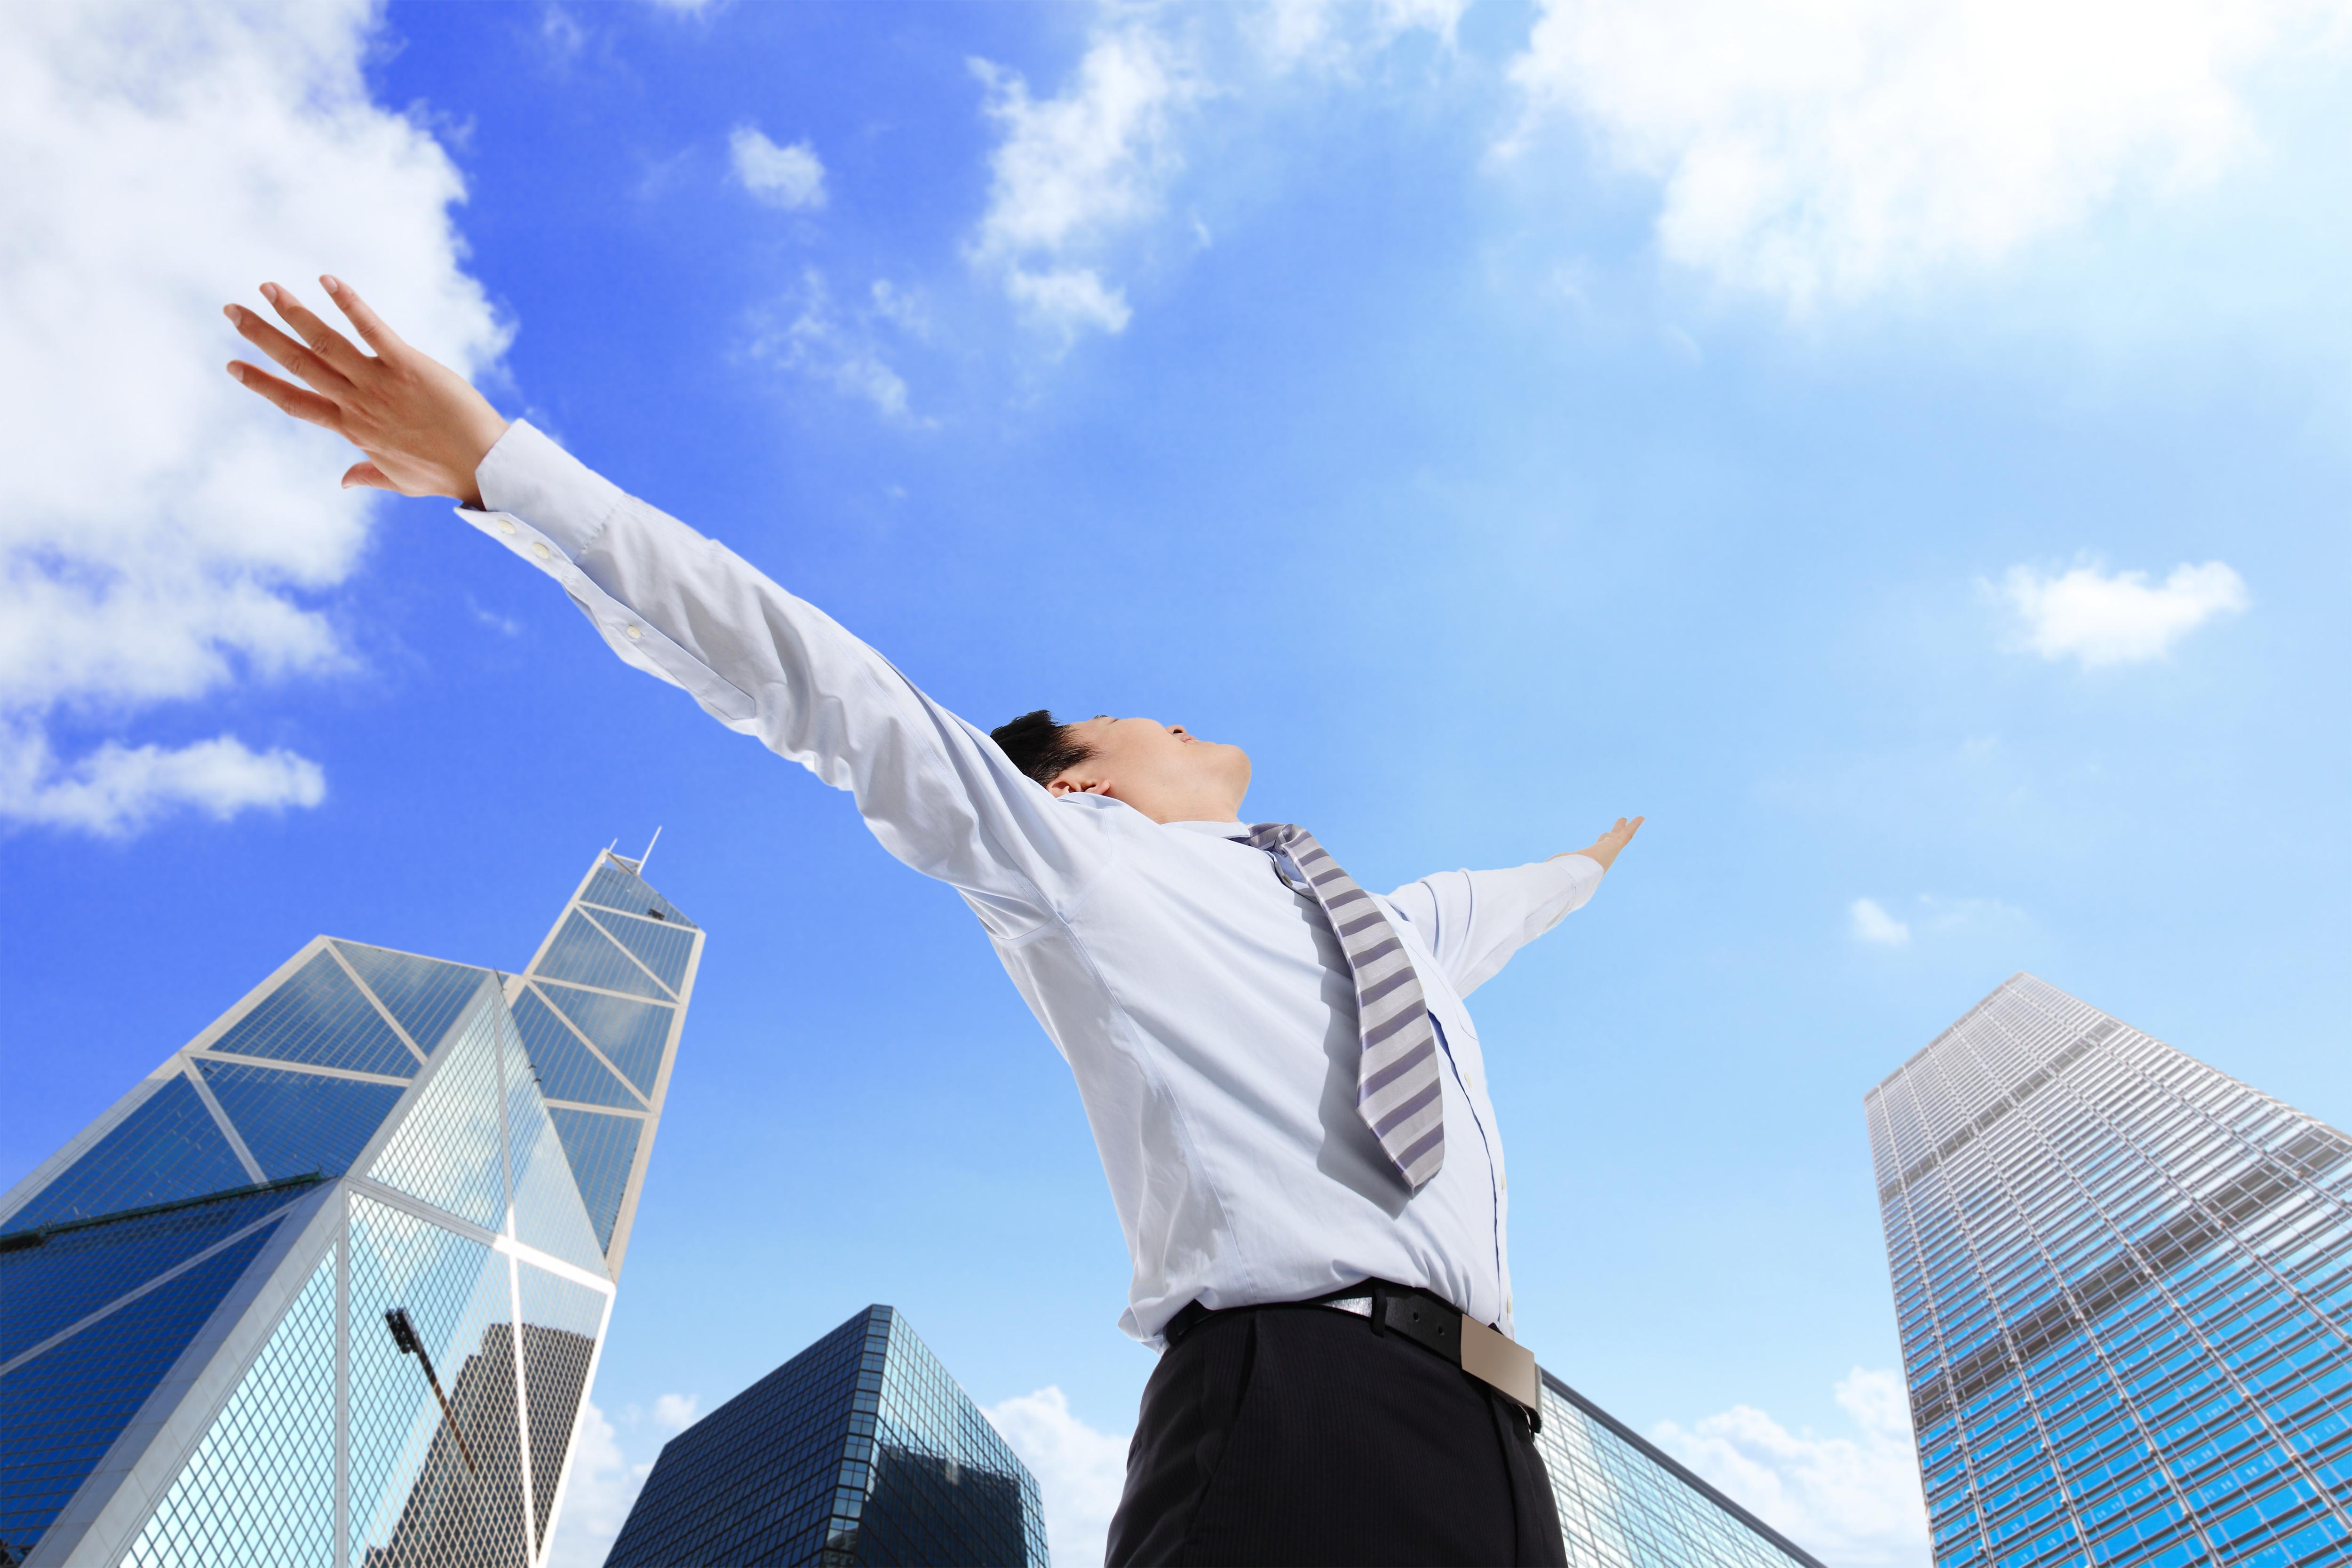 営業1年生を即戦力化させる!「営業基礎力向上講座」